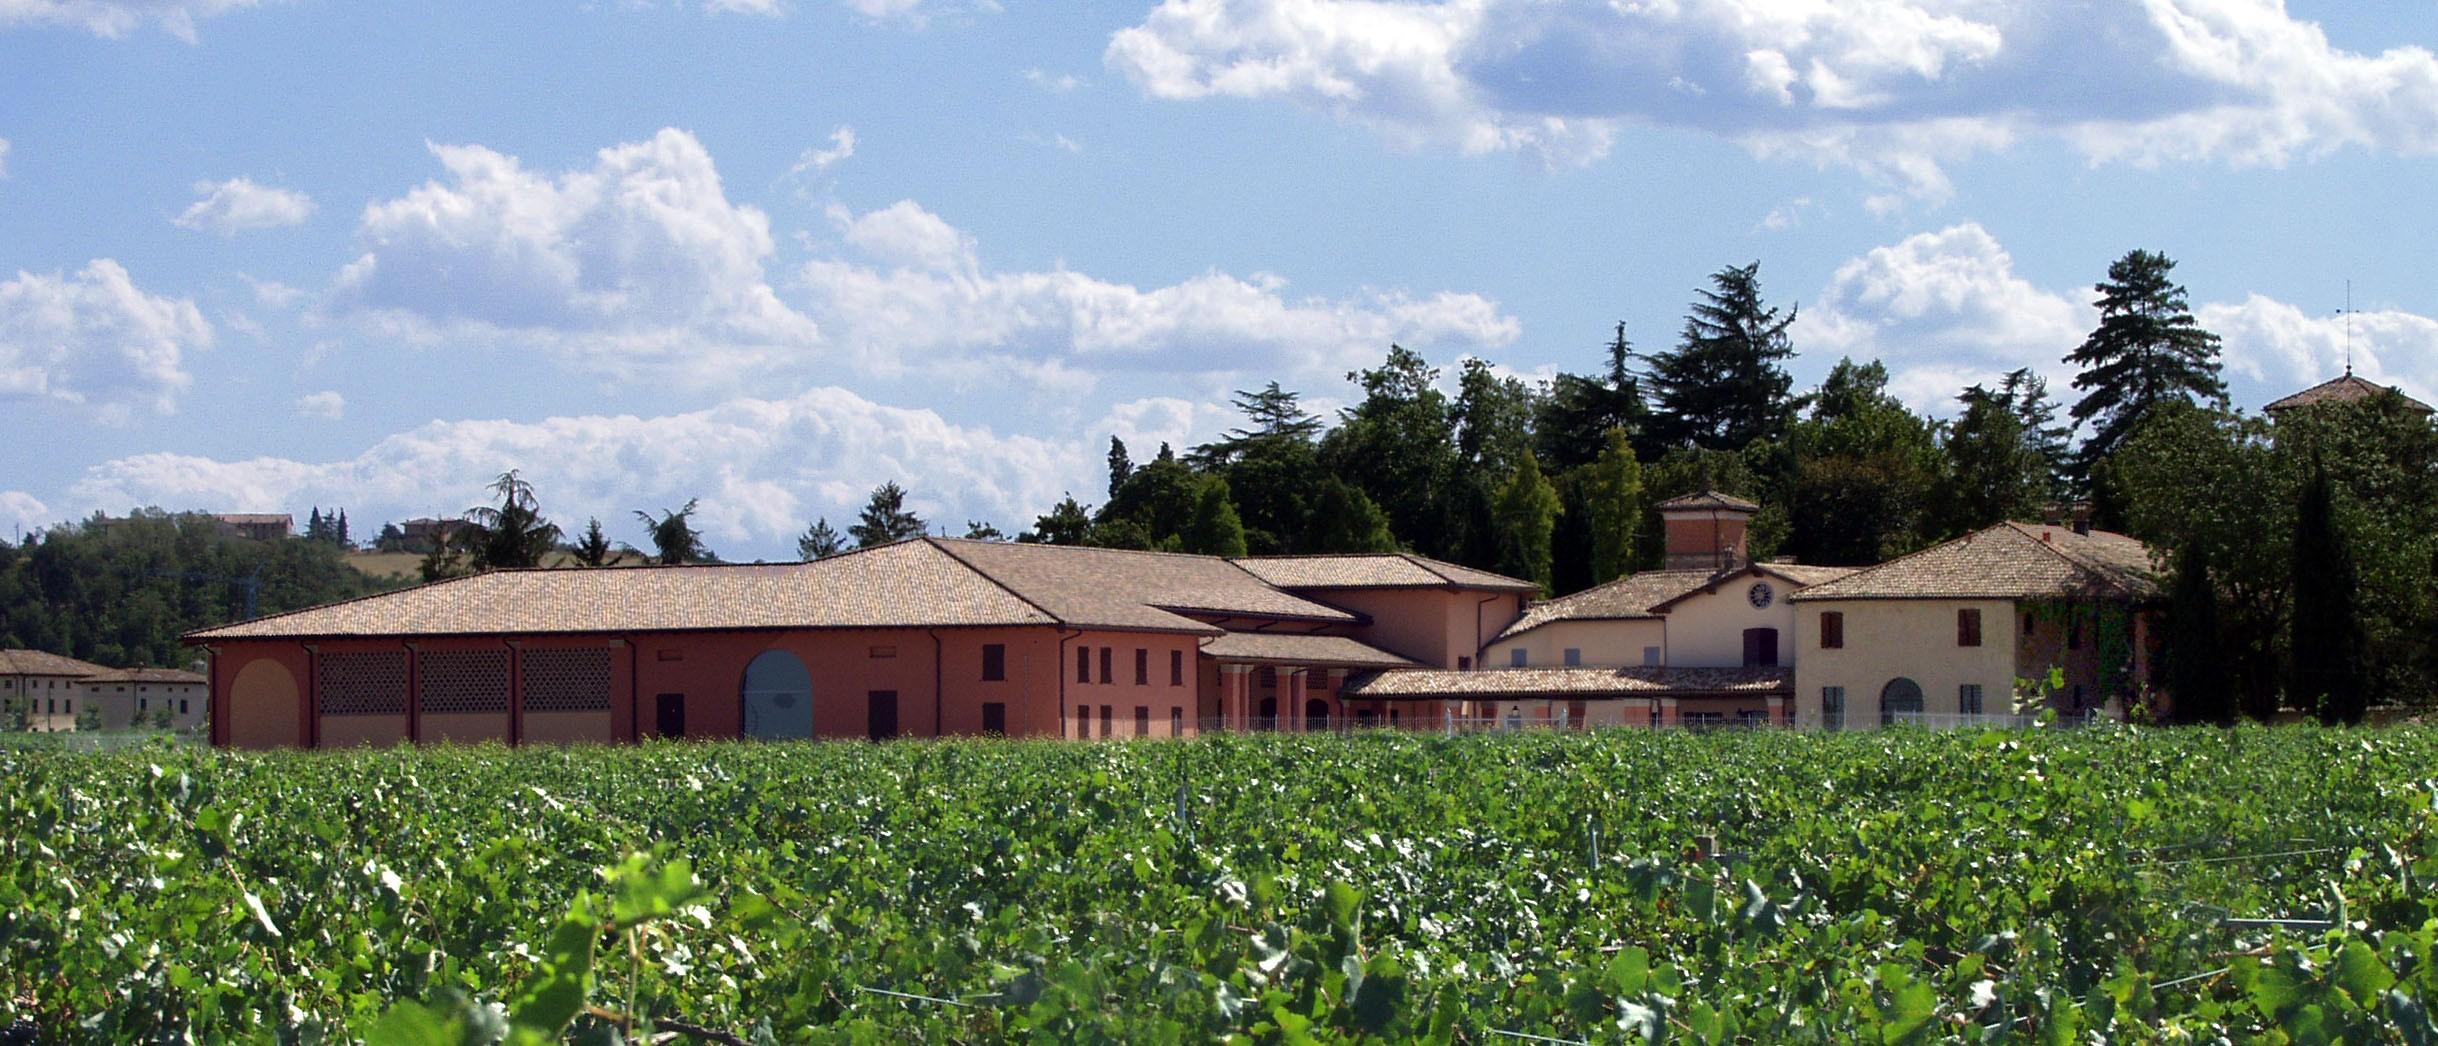 Chiarli - Castelvetro